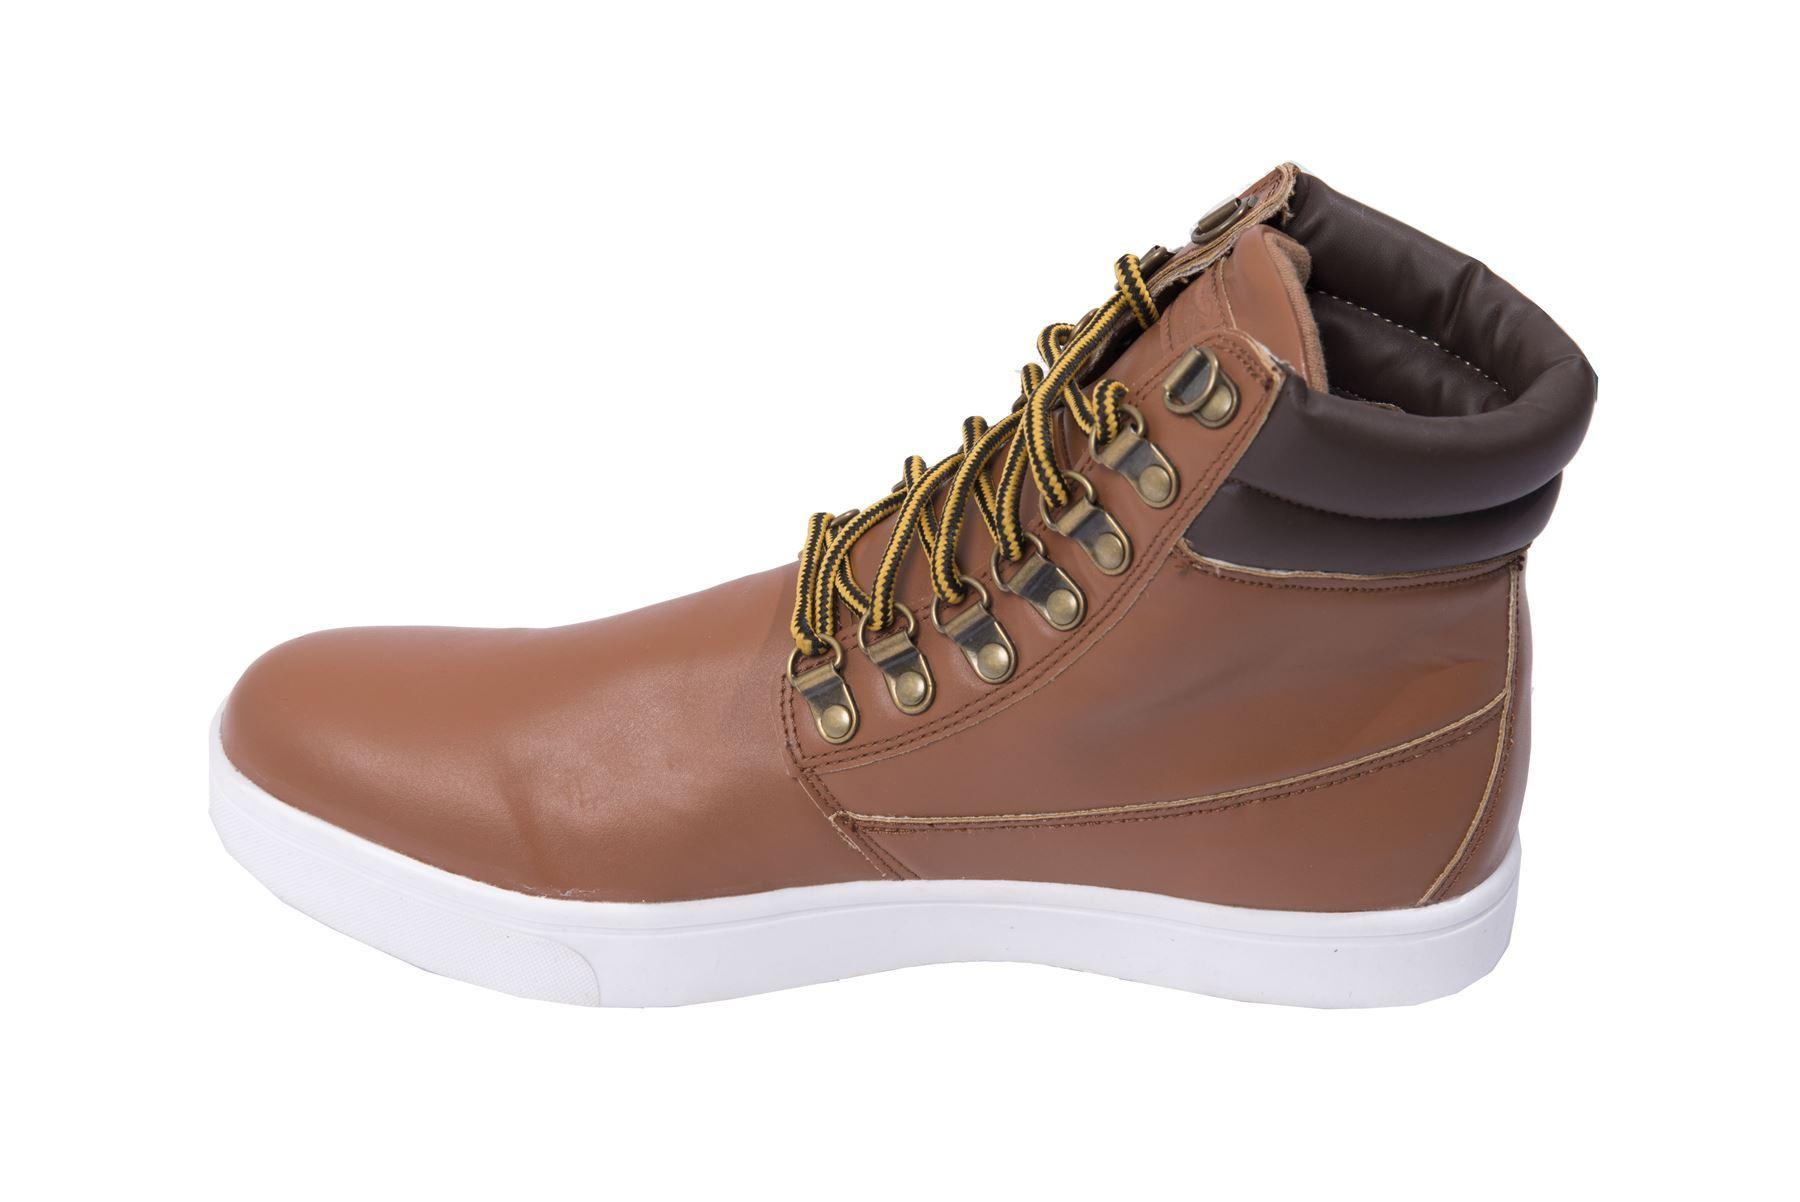 Hommes-Decontracte-Chaussures-Cheville-LACET-CUIR-contrastant-detail-Baskets-R-amp